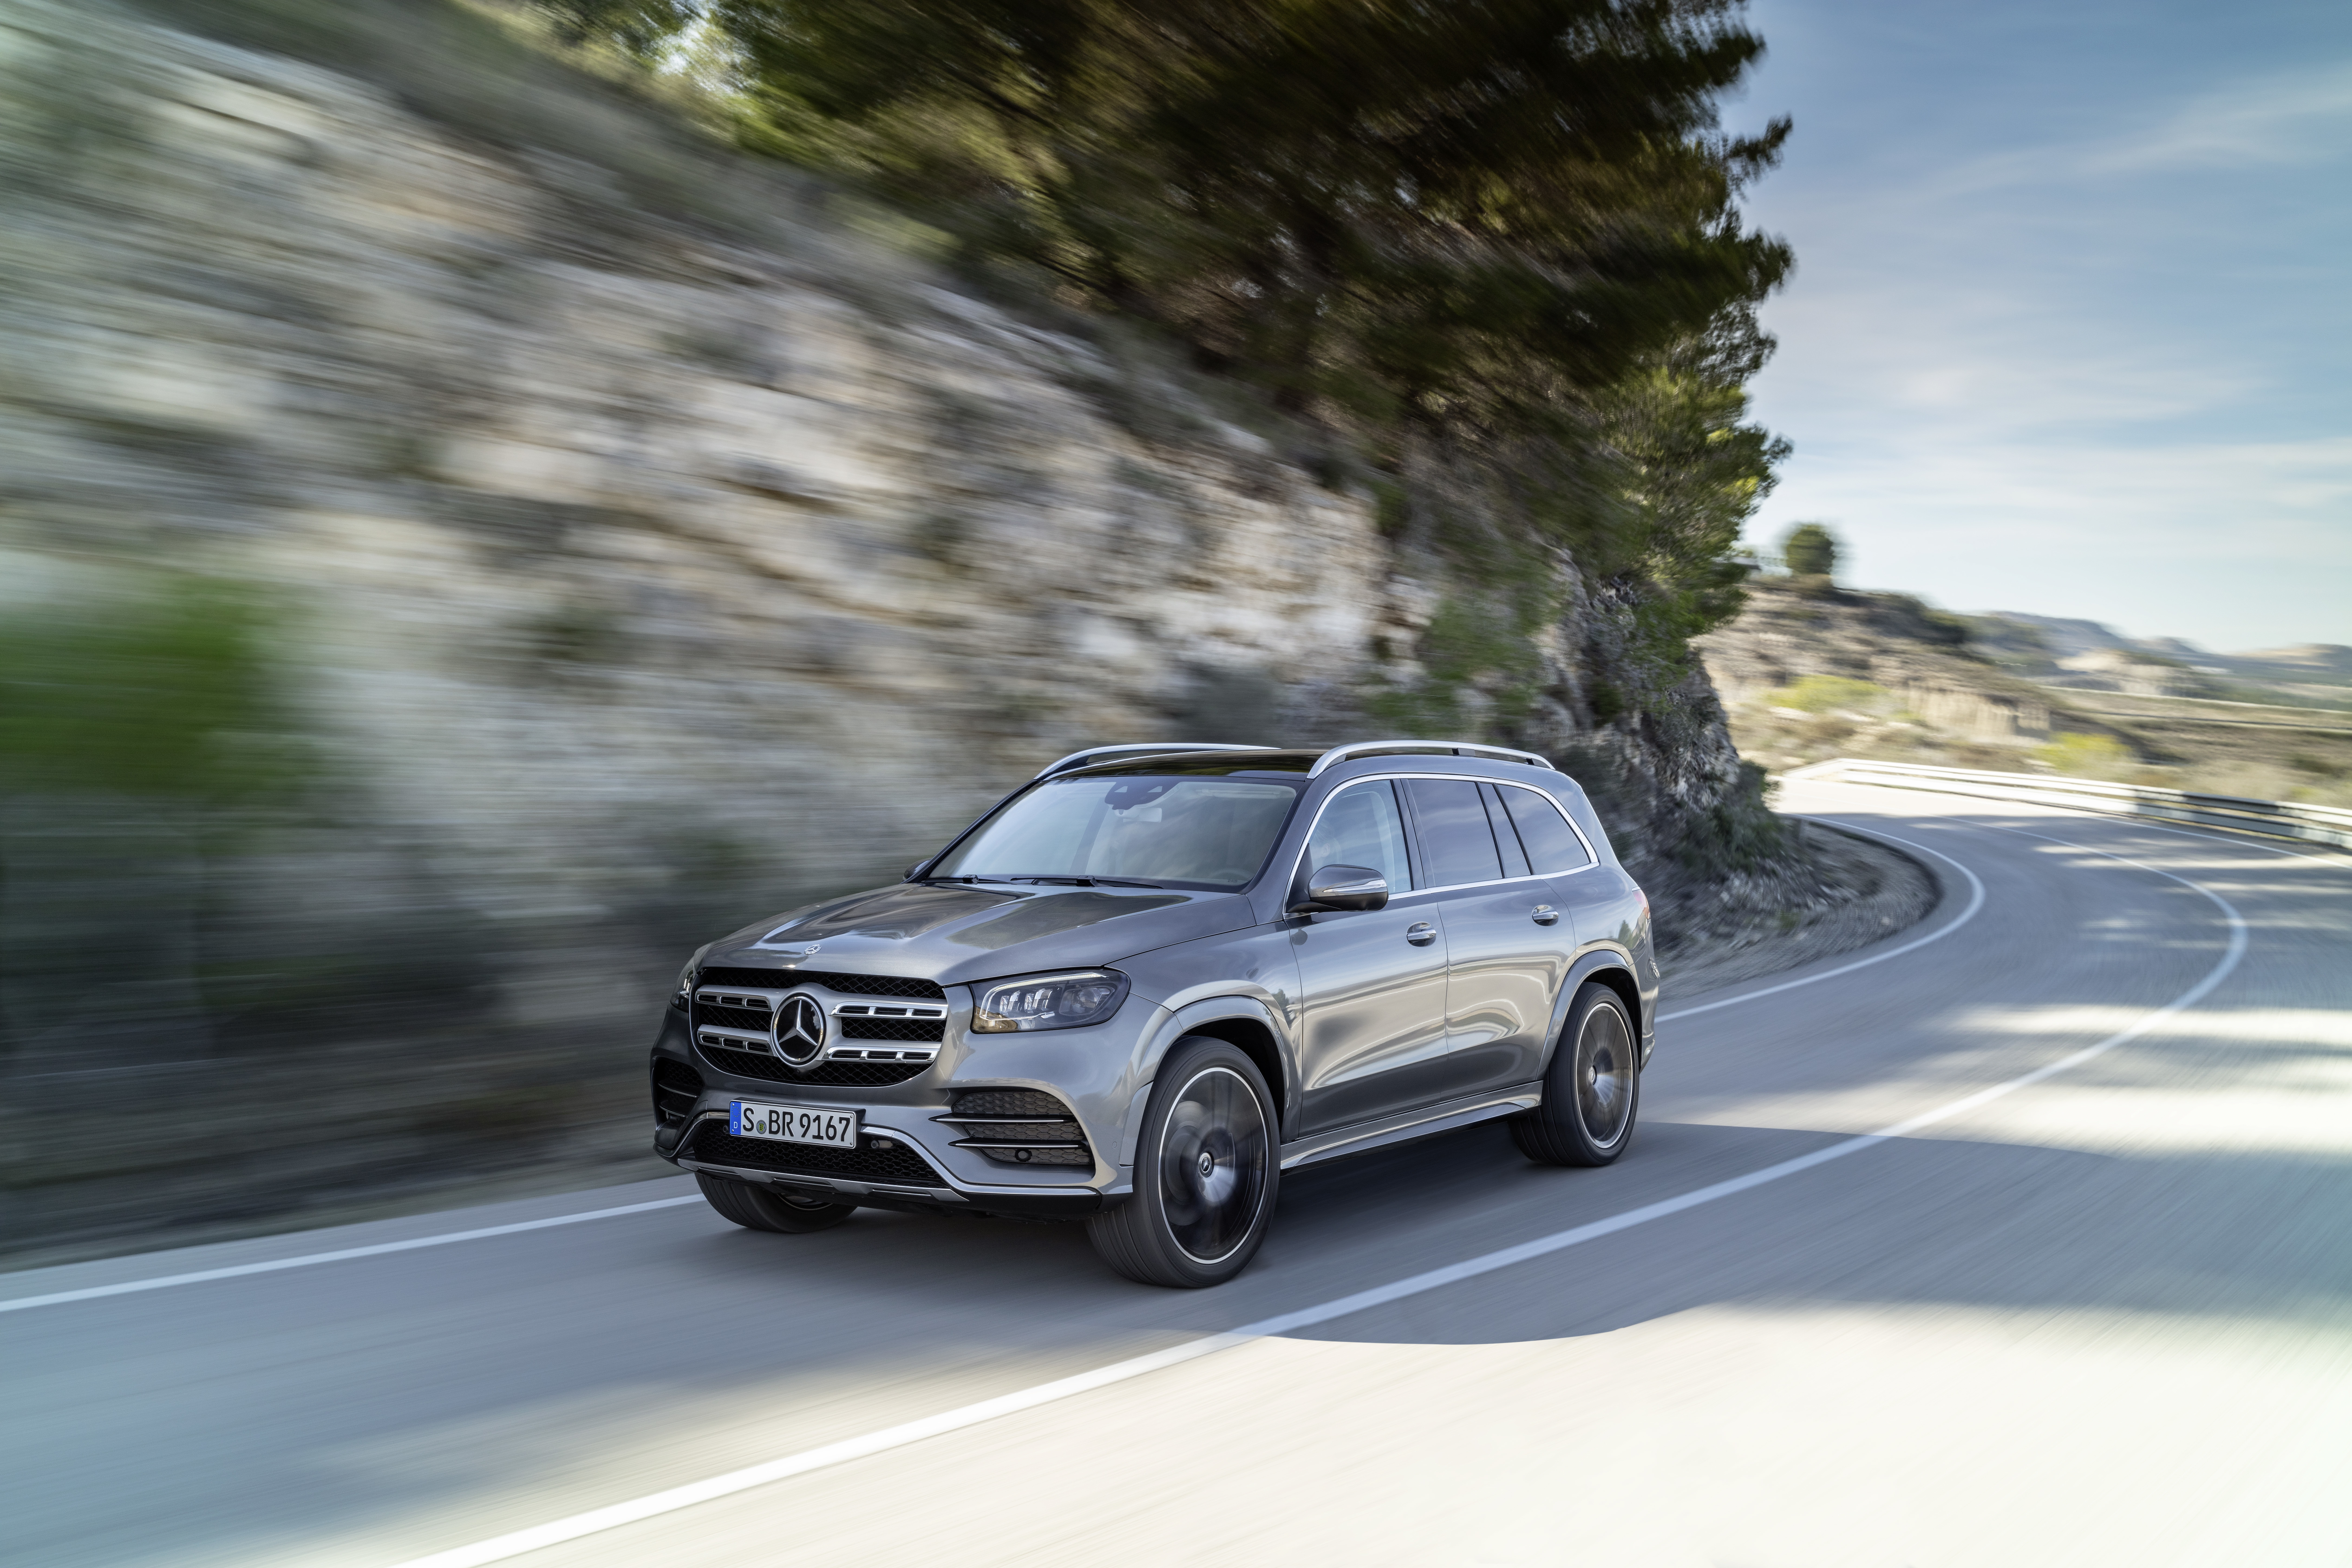 Mehr Raum, mehr Komfort, mehr Luxus: Verkaufsstart für den neuen Mercedes-Benz GLS